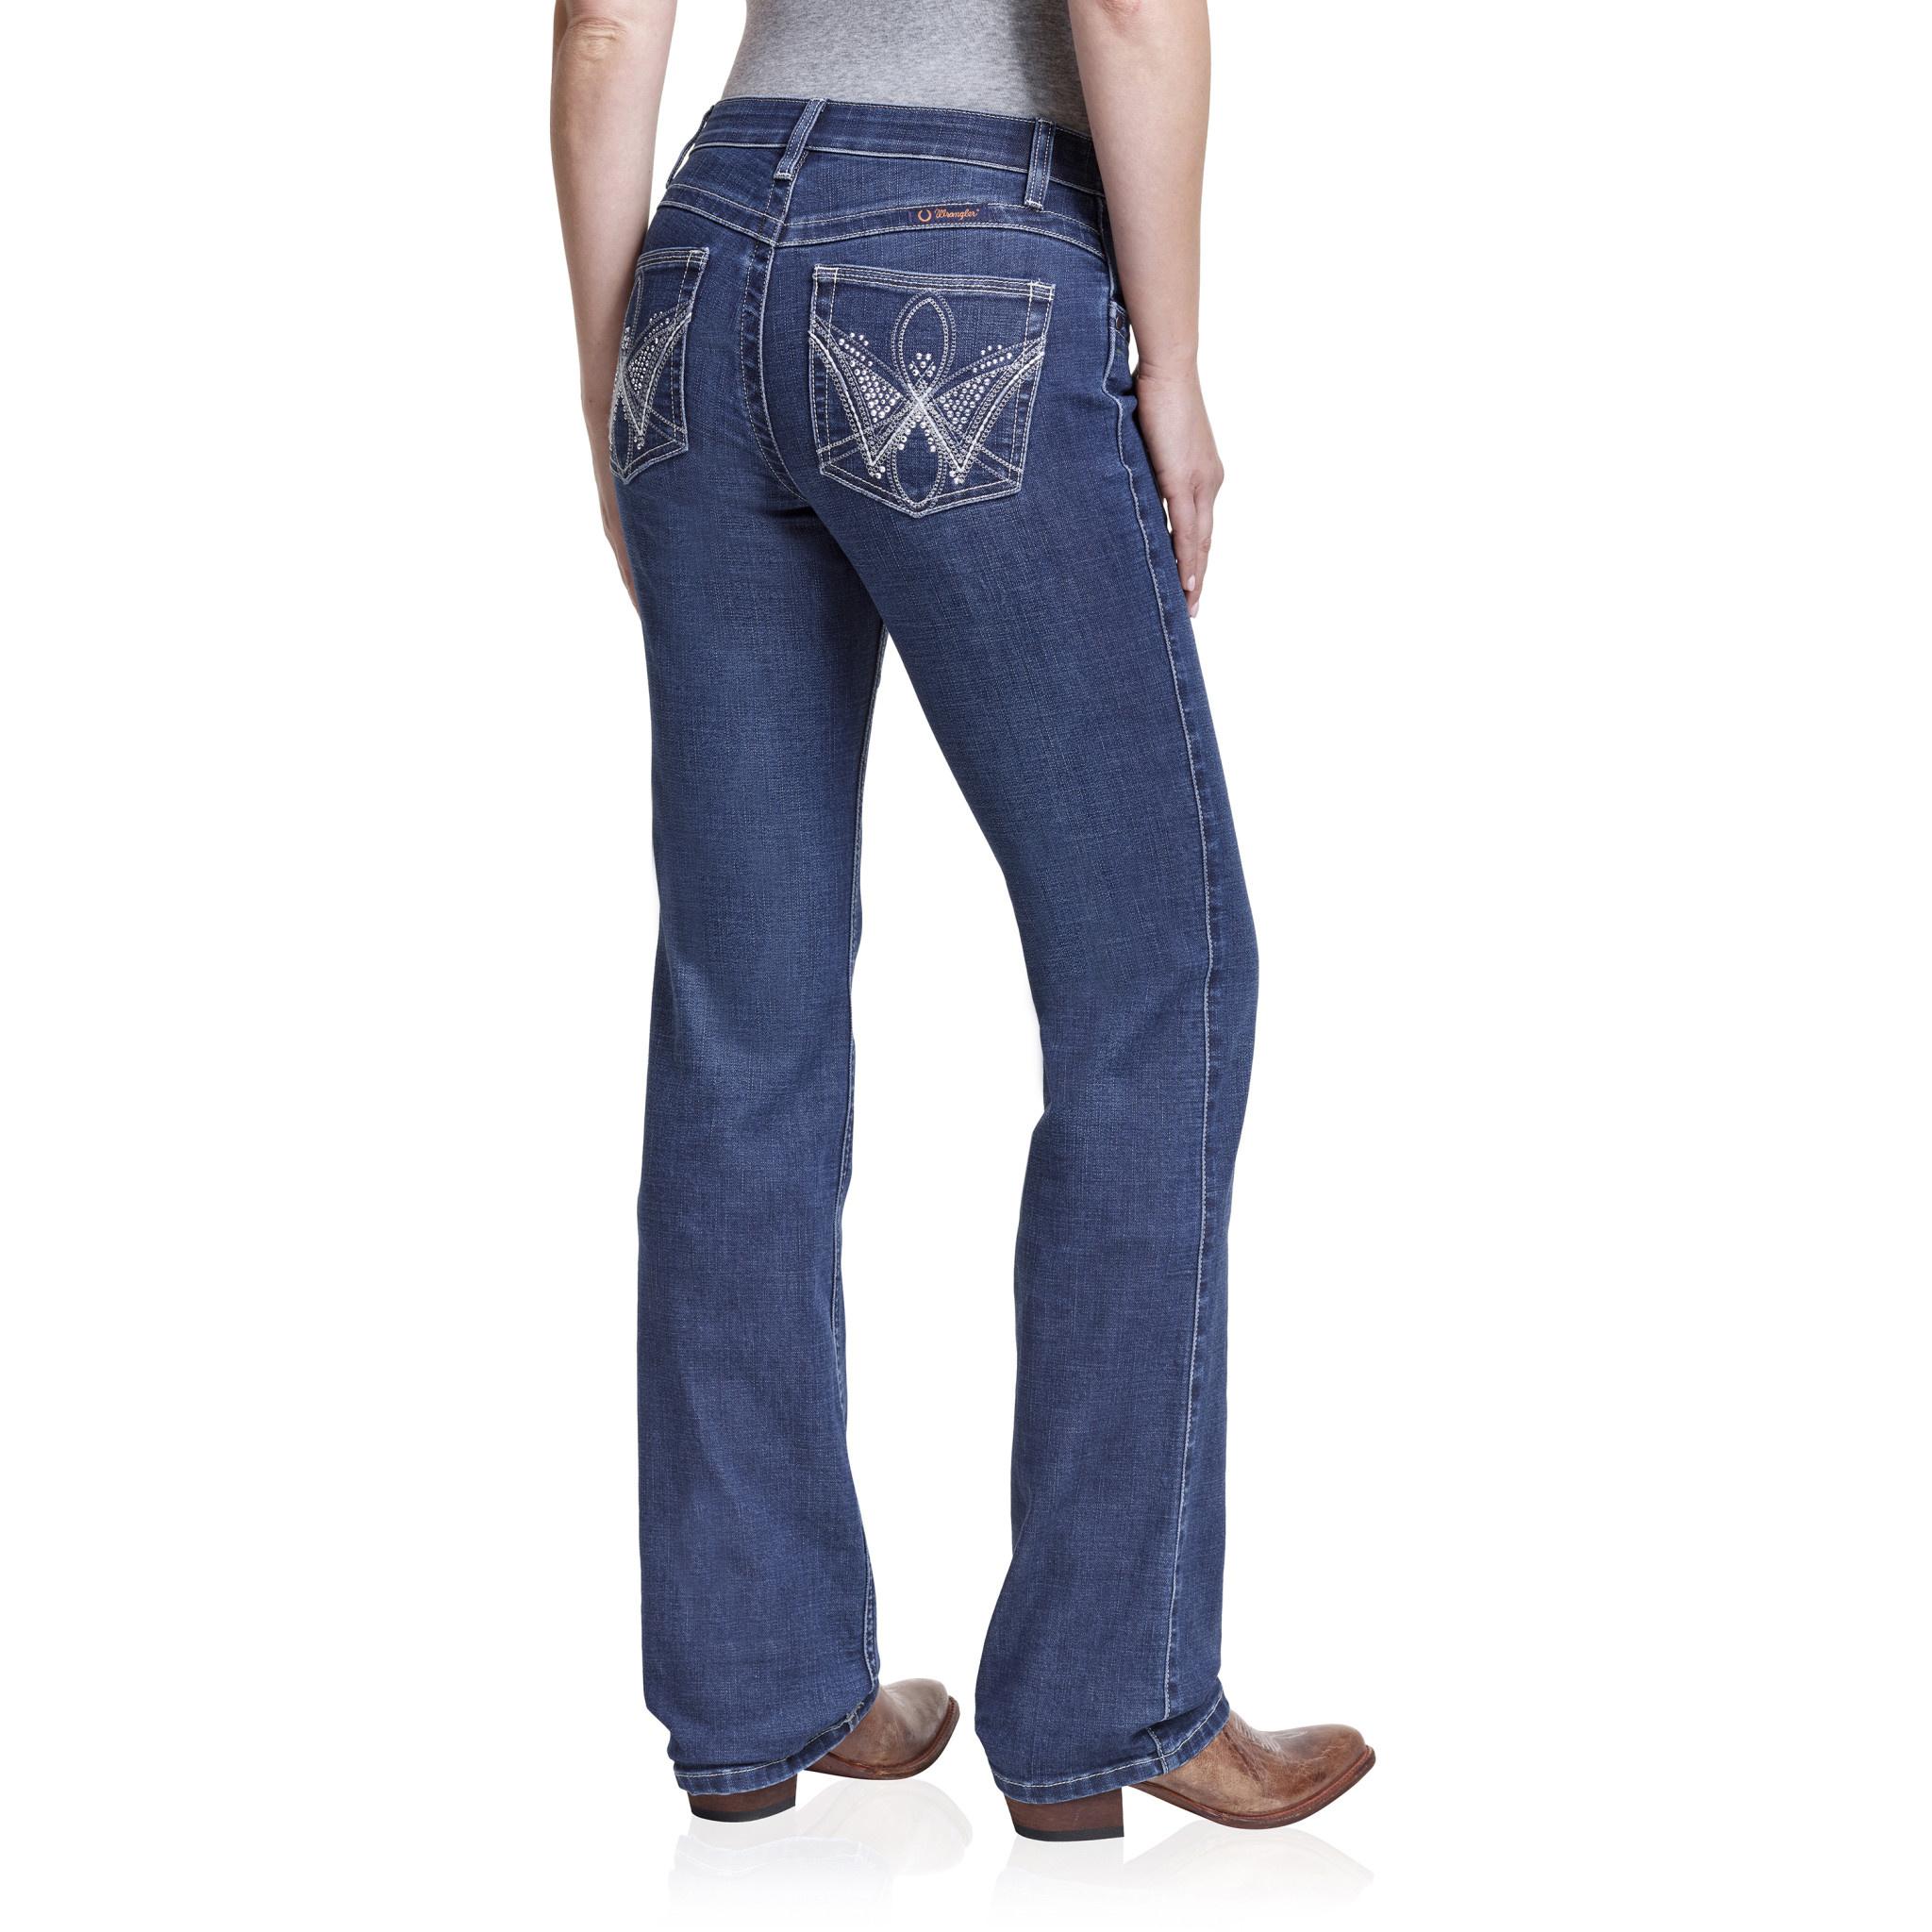 Wrangler Women's Wrangler Q-Baby Boot Cut Jeans